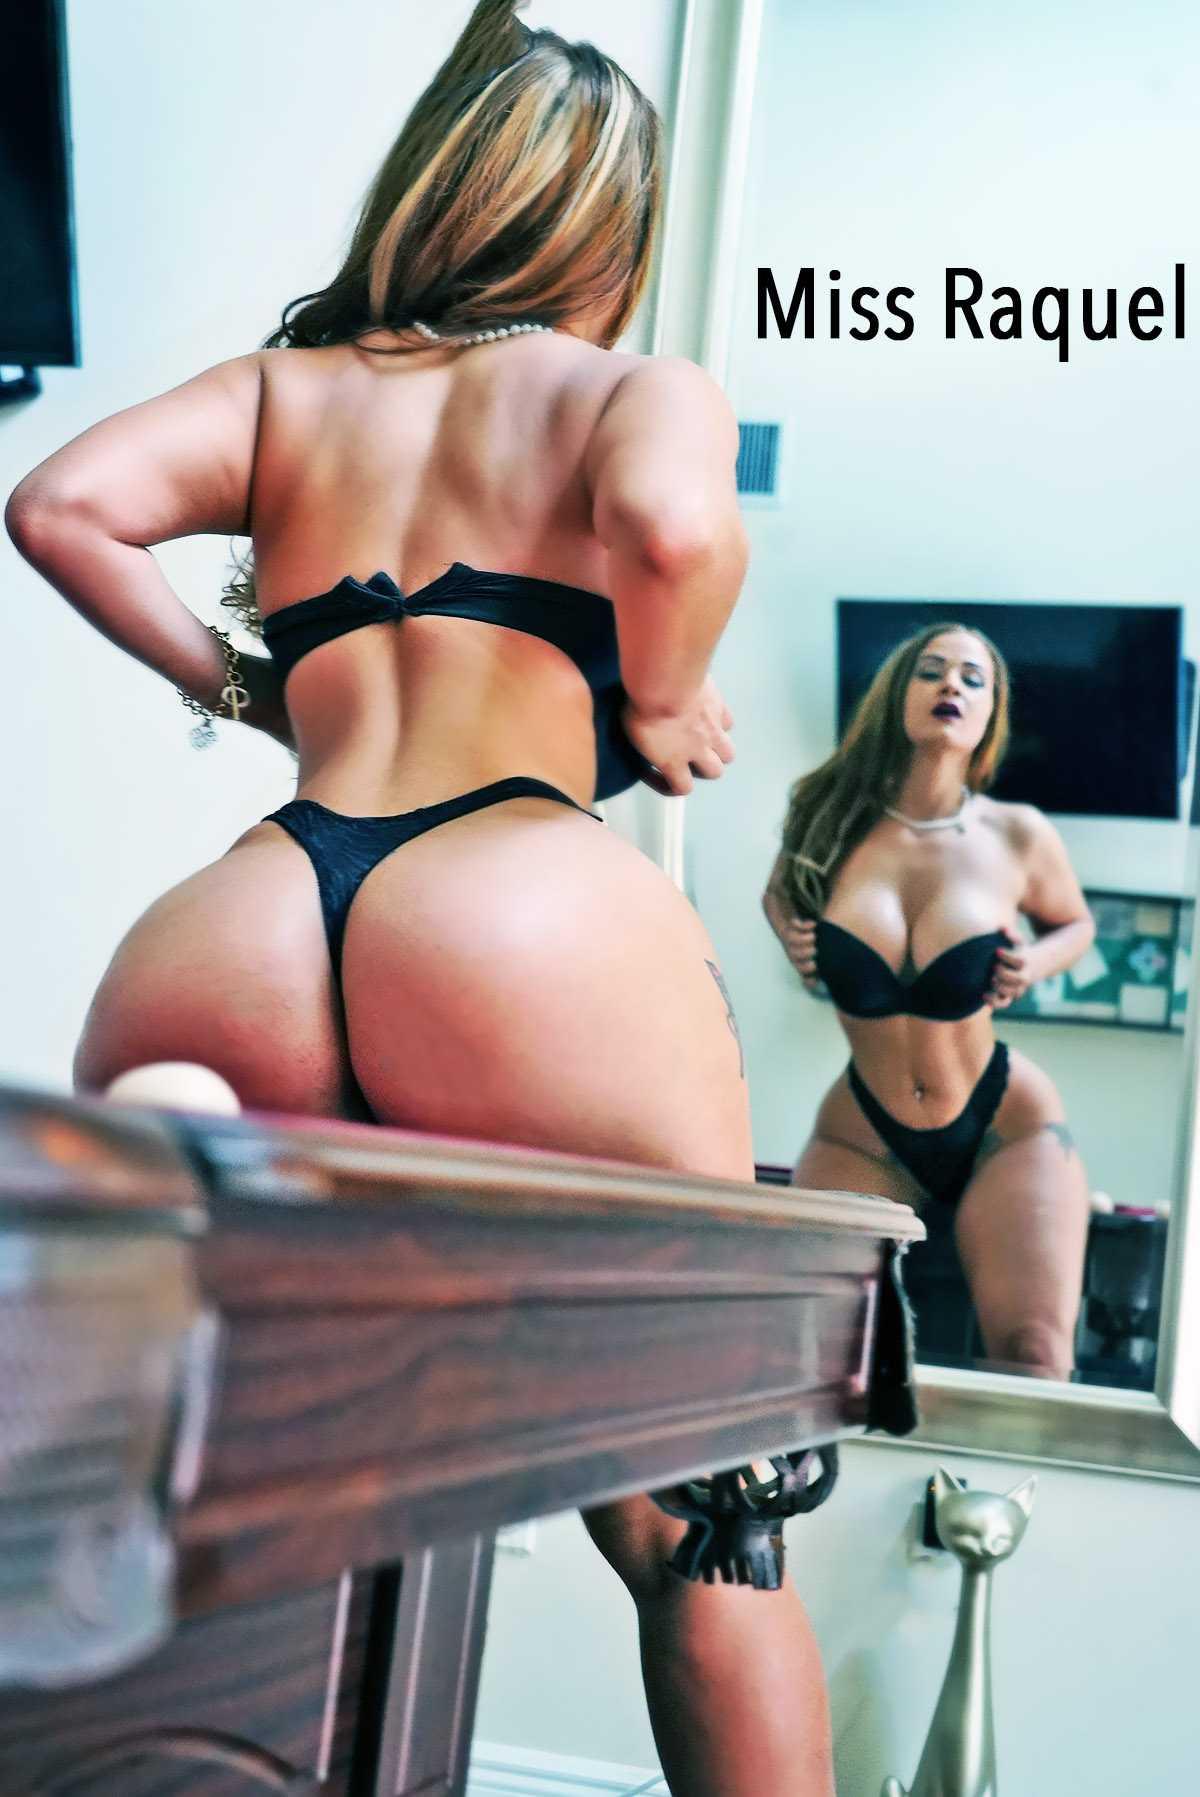 miss raquel massive butt